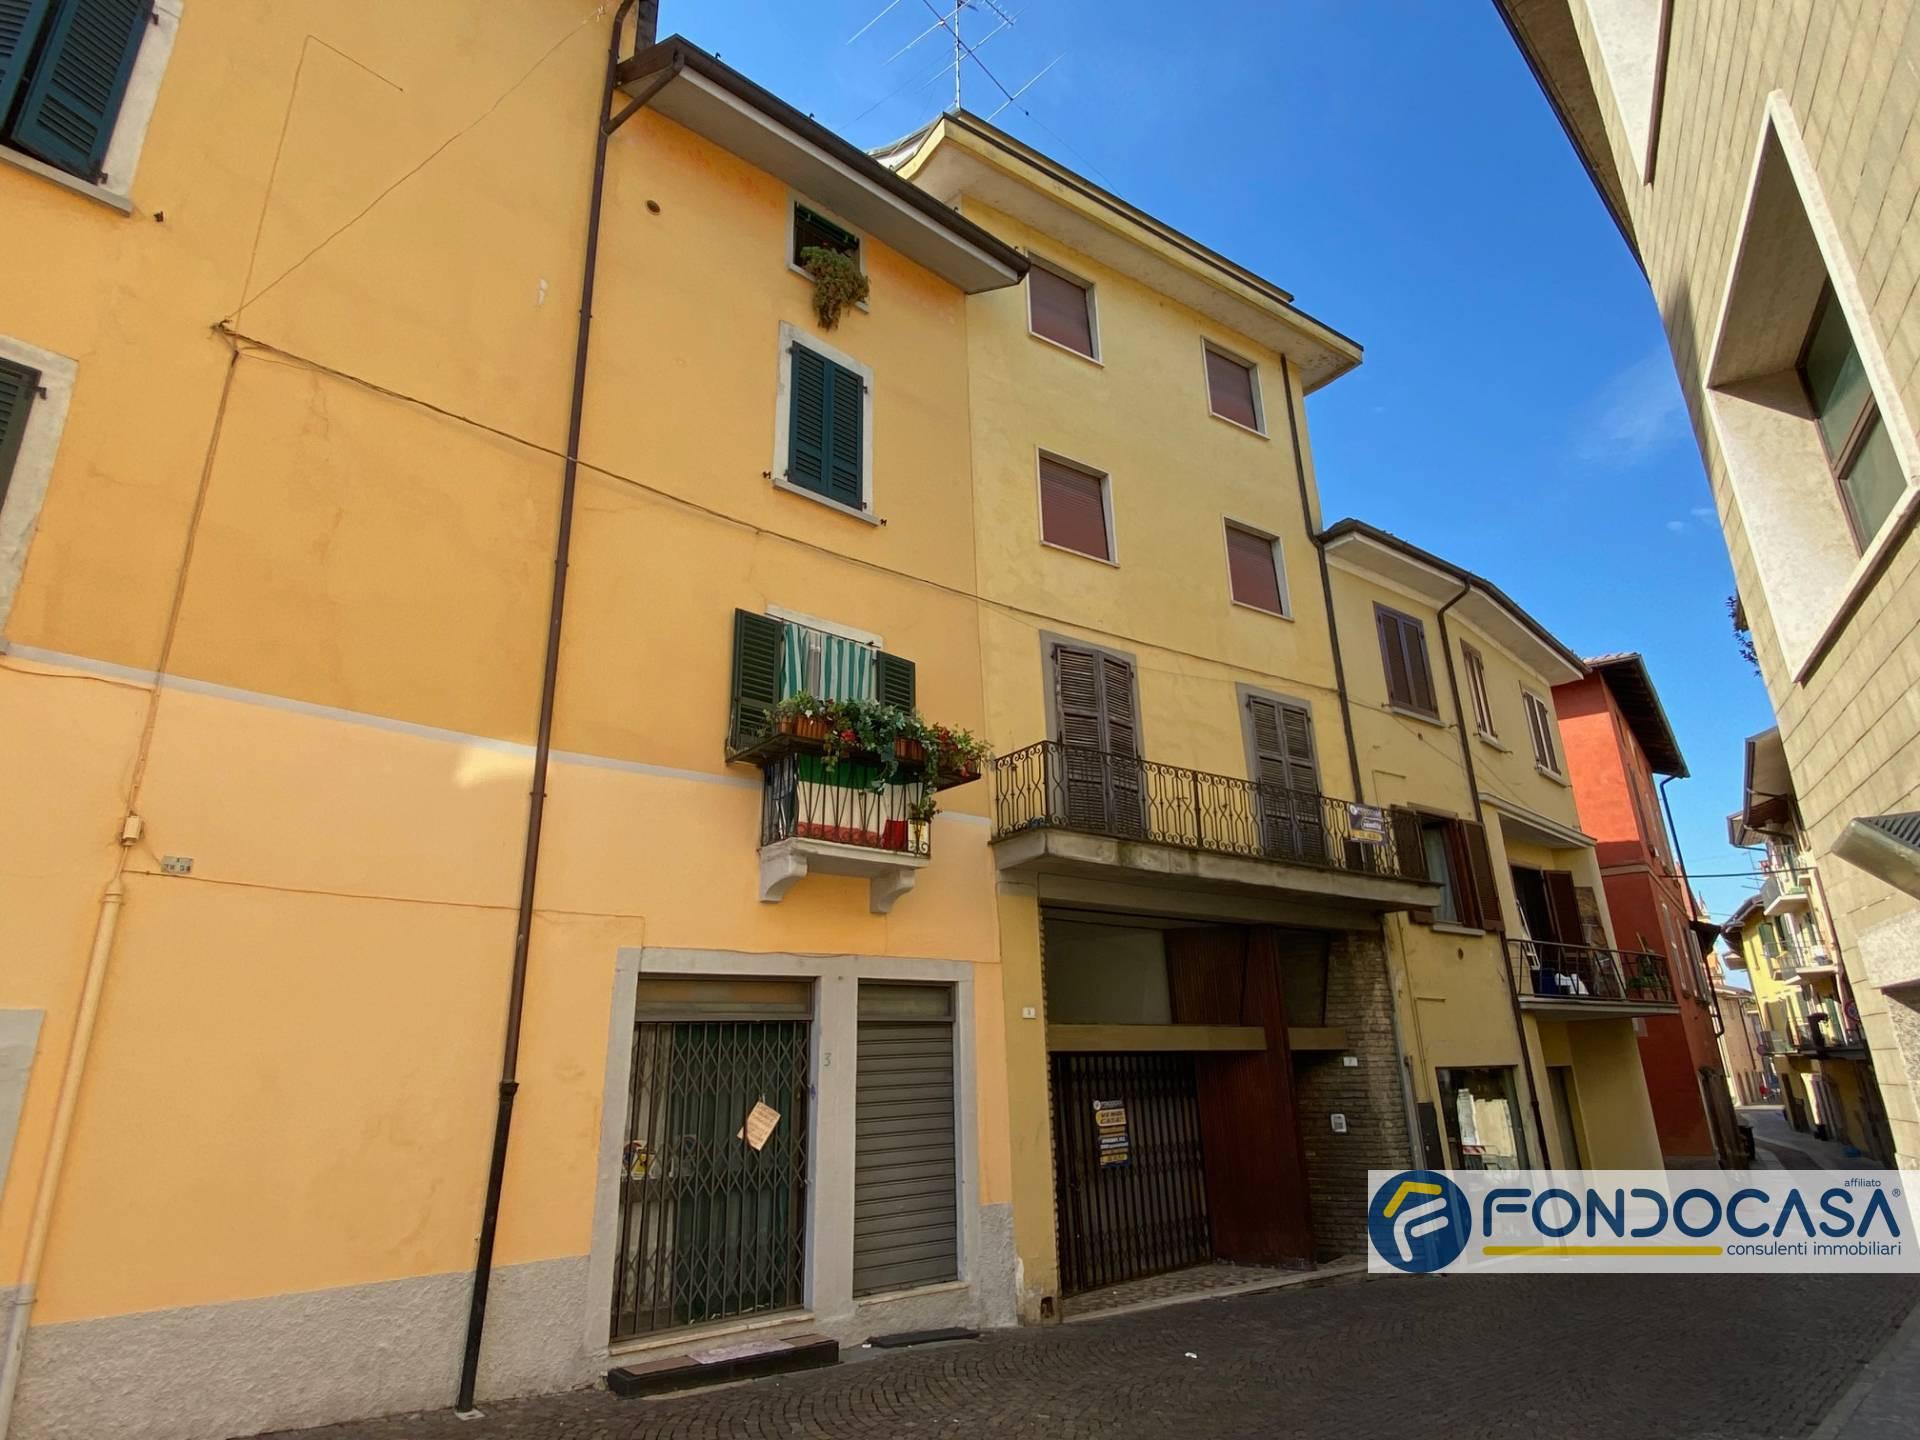 Appartamento in vendita a Palazzolo sull'Oglio, 2 locali, prezzo € 48.000   PortaleAgenzieImmobiliari.it